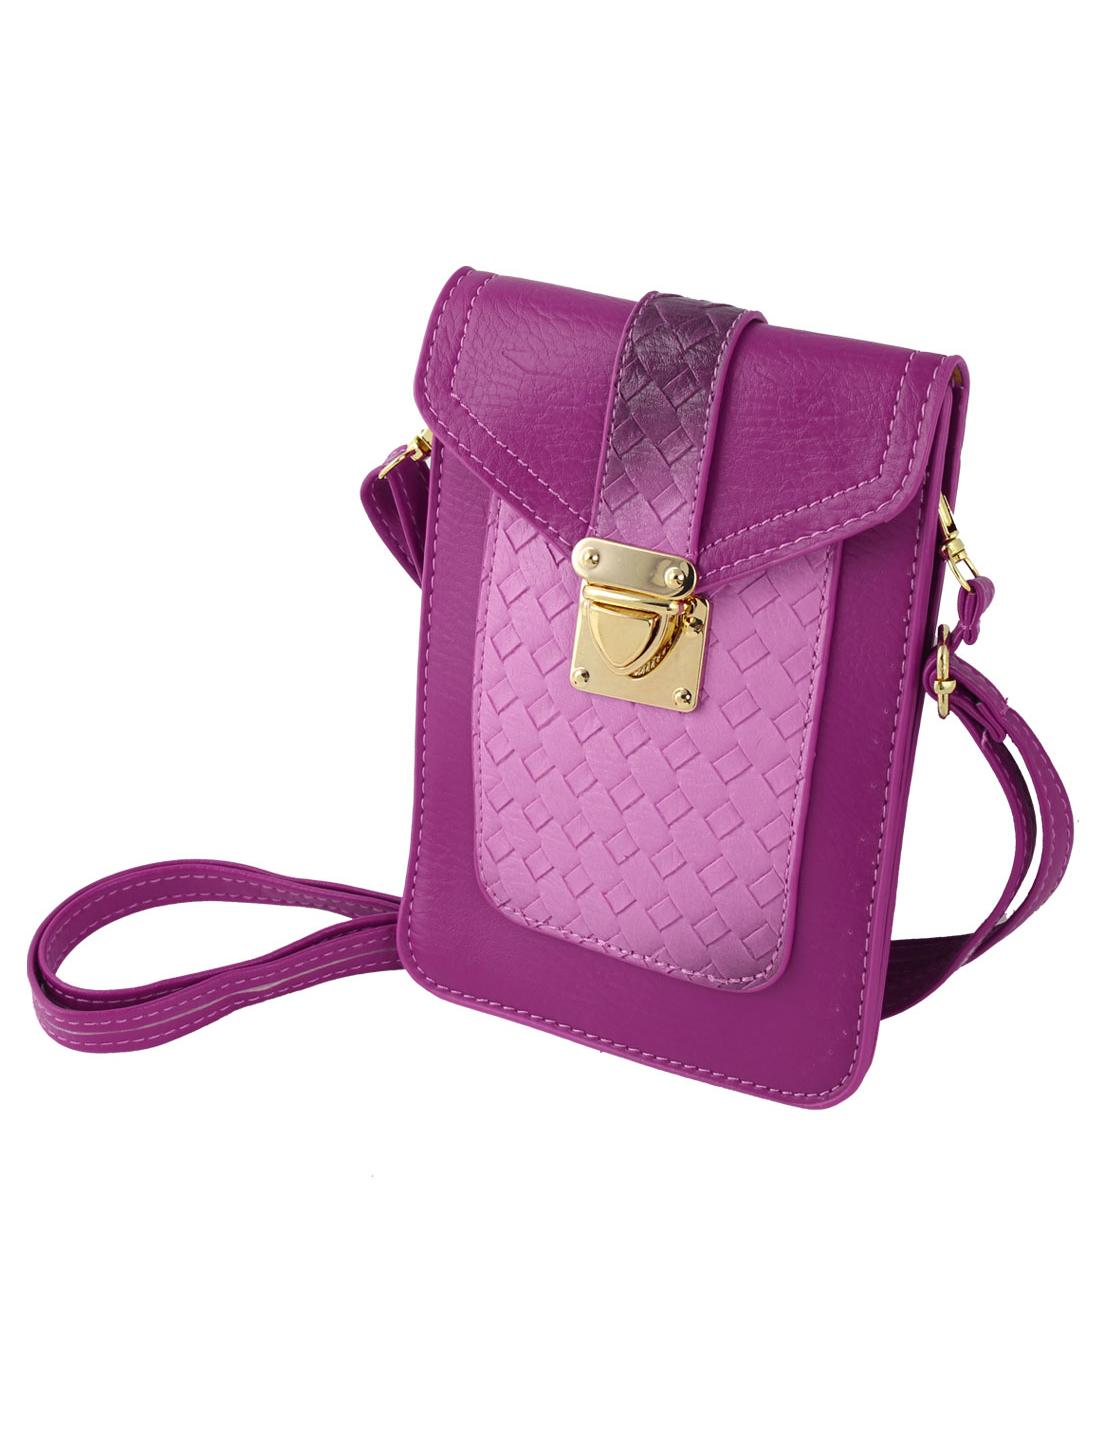 Women Ladies Faux Leather Cross Body Shoulder Bag Handbag Coin Purse Purple